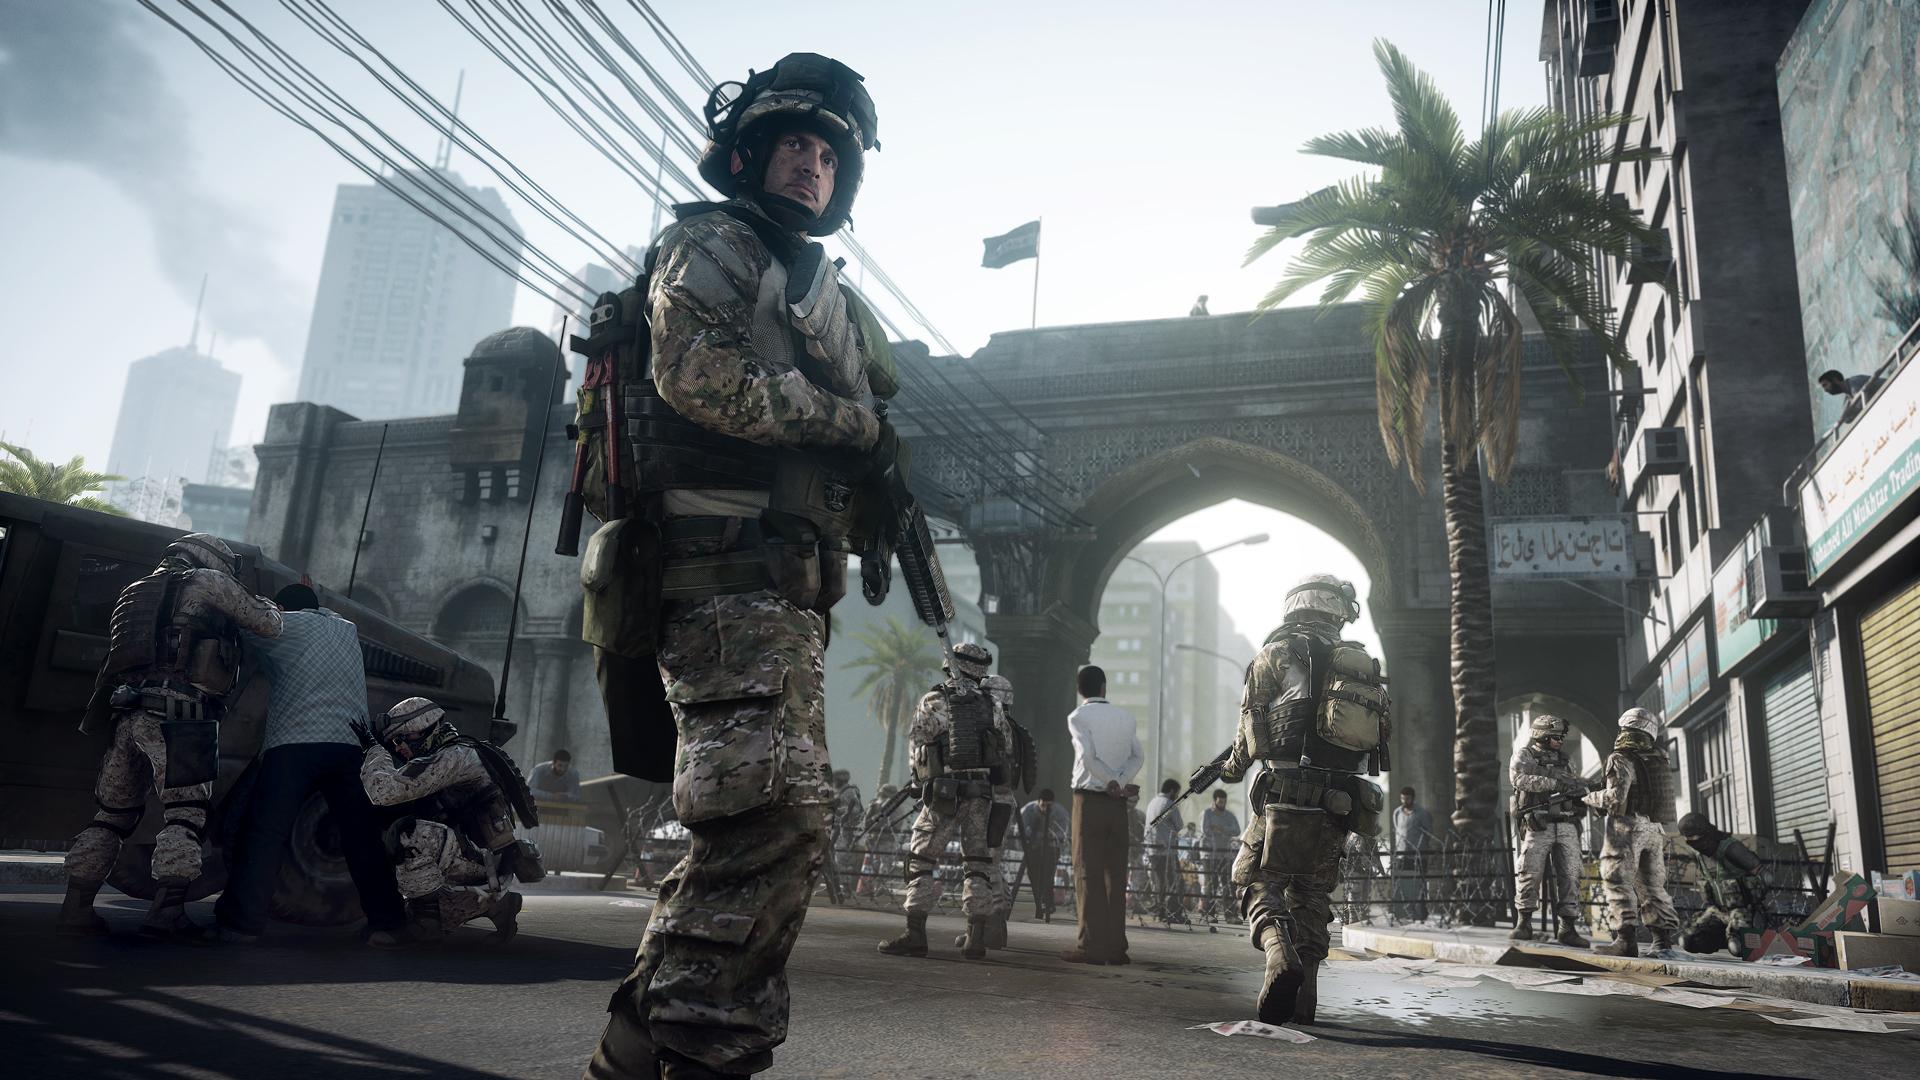 2011-11-08-Battlefield3October25X360PS3PC.jpg